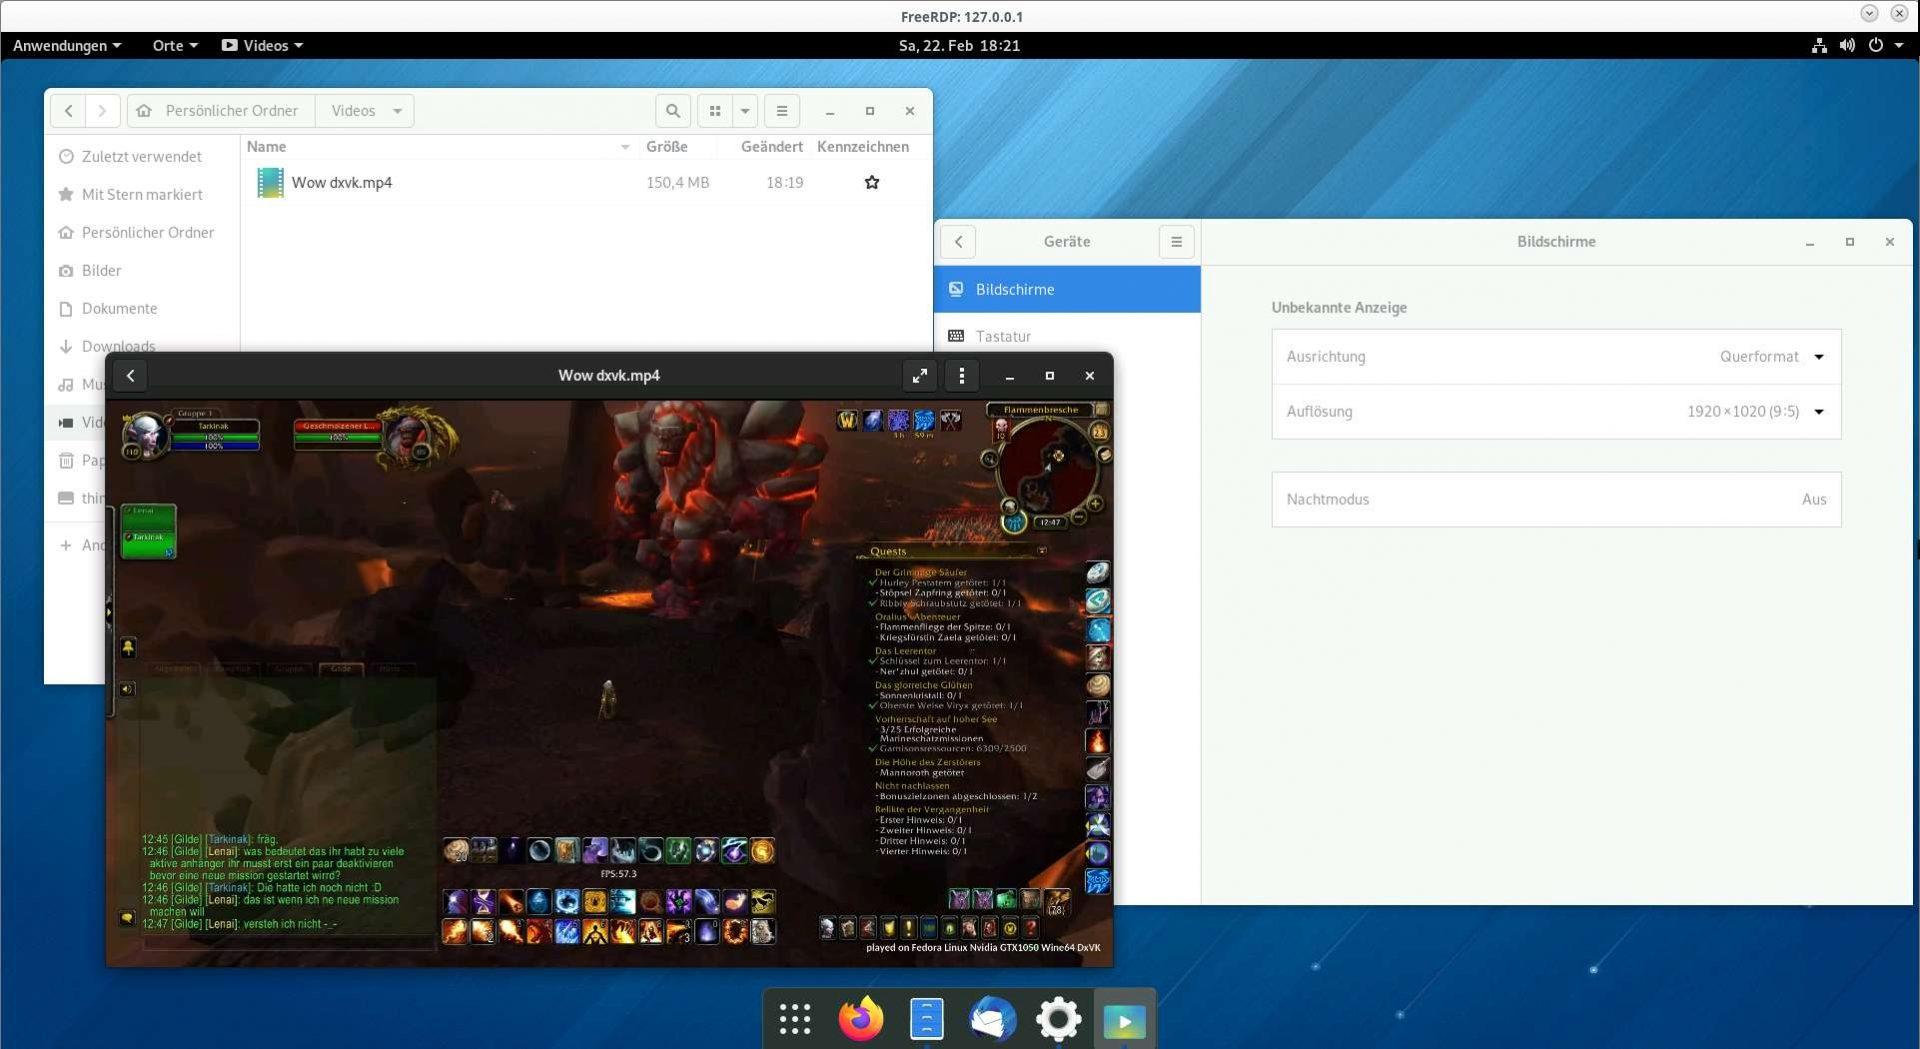 Ein GNOME Remotearbeitsplatz mit laufendem Video